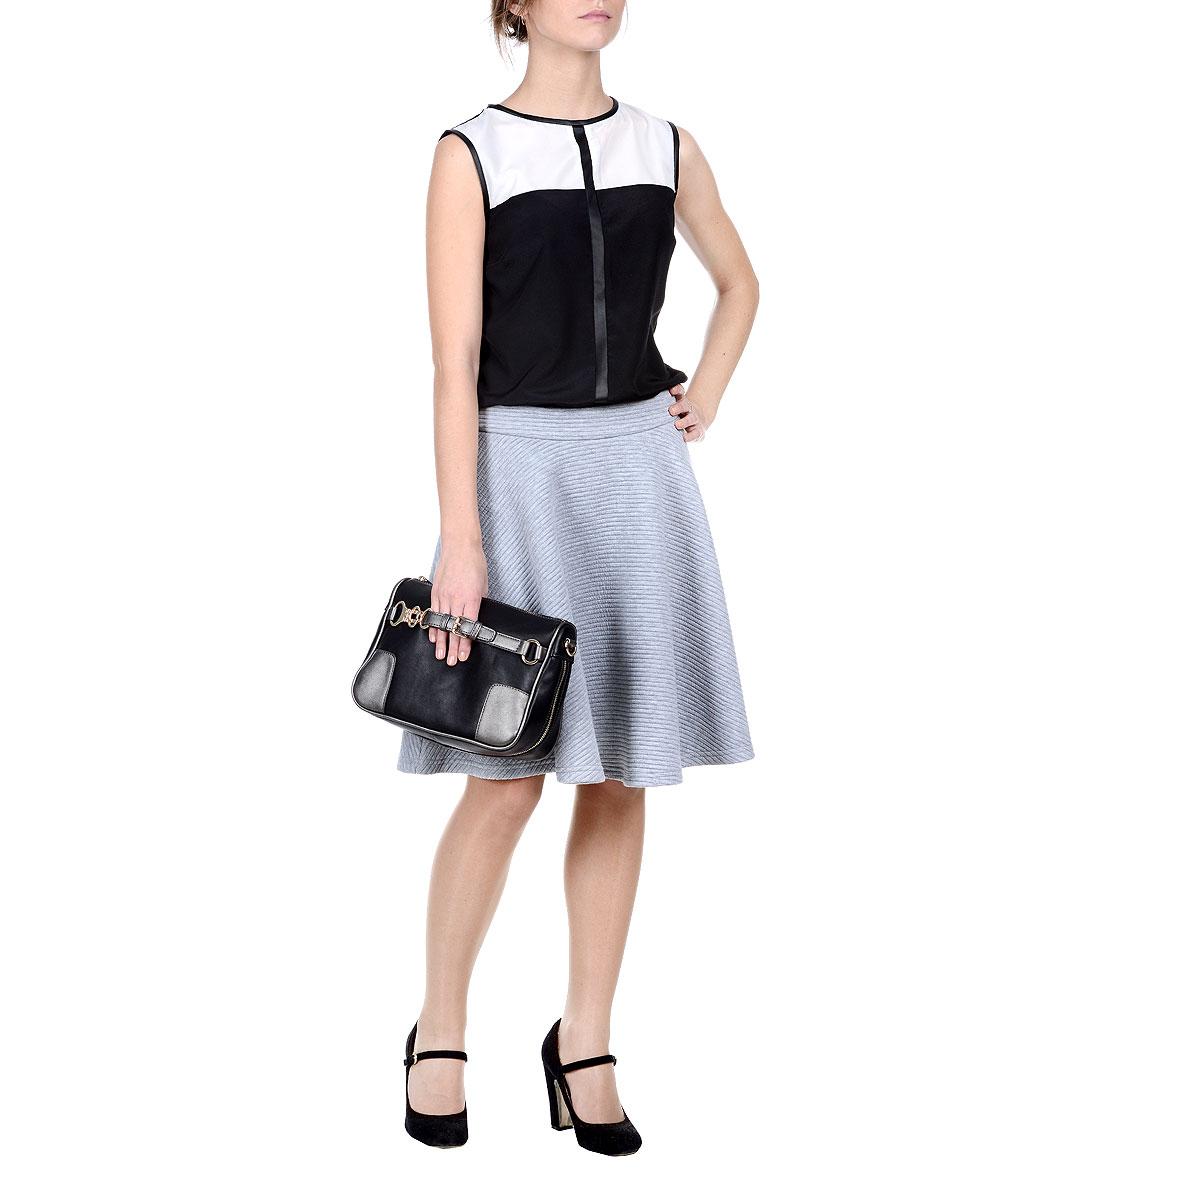 DSD0017SZSУтепленная юбка Drywash изготовлена из полиэстера с добавлением эластана. Юбка расклешенного кроя оформлена рельефными полосками. Пояс сзади застегивается на металлическую застежку-молнию. Эта модная и в тоже время комфортная юбка - отличный вариант для прохладной погоды.